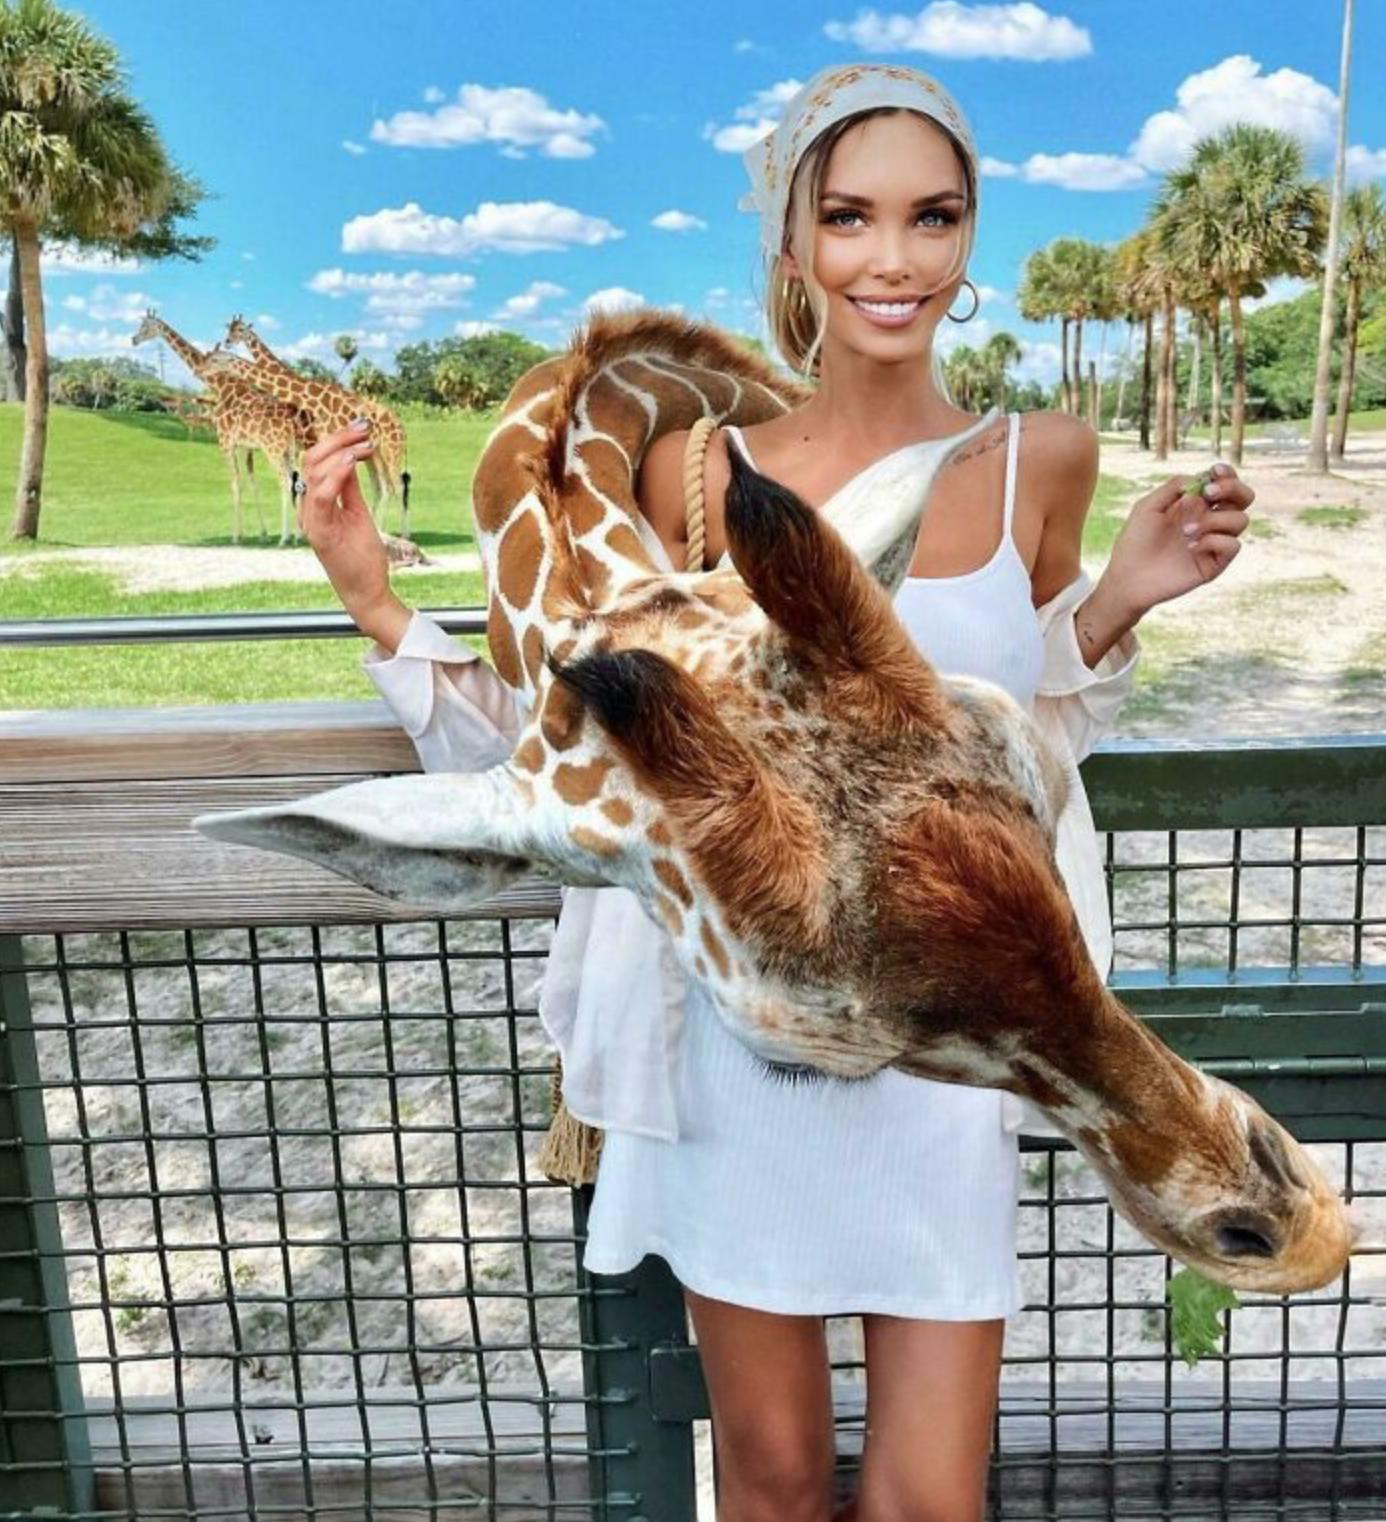 Дівчина додала фотошопу навіть для жирафи